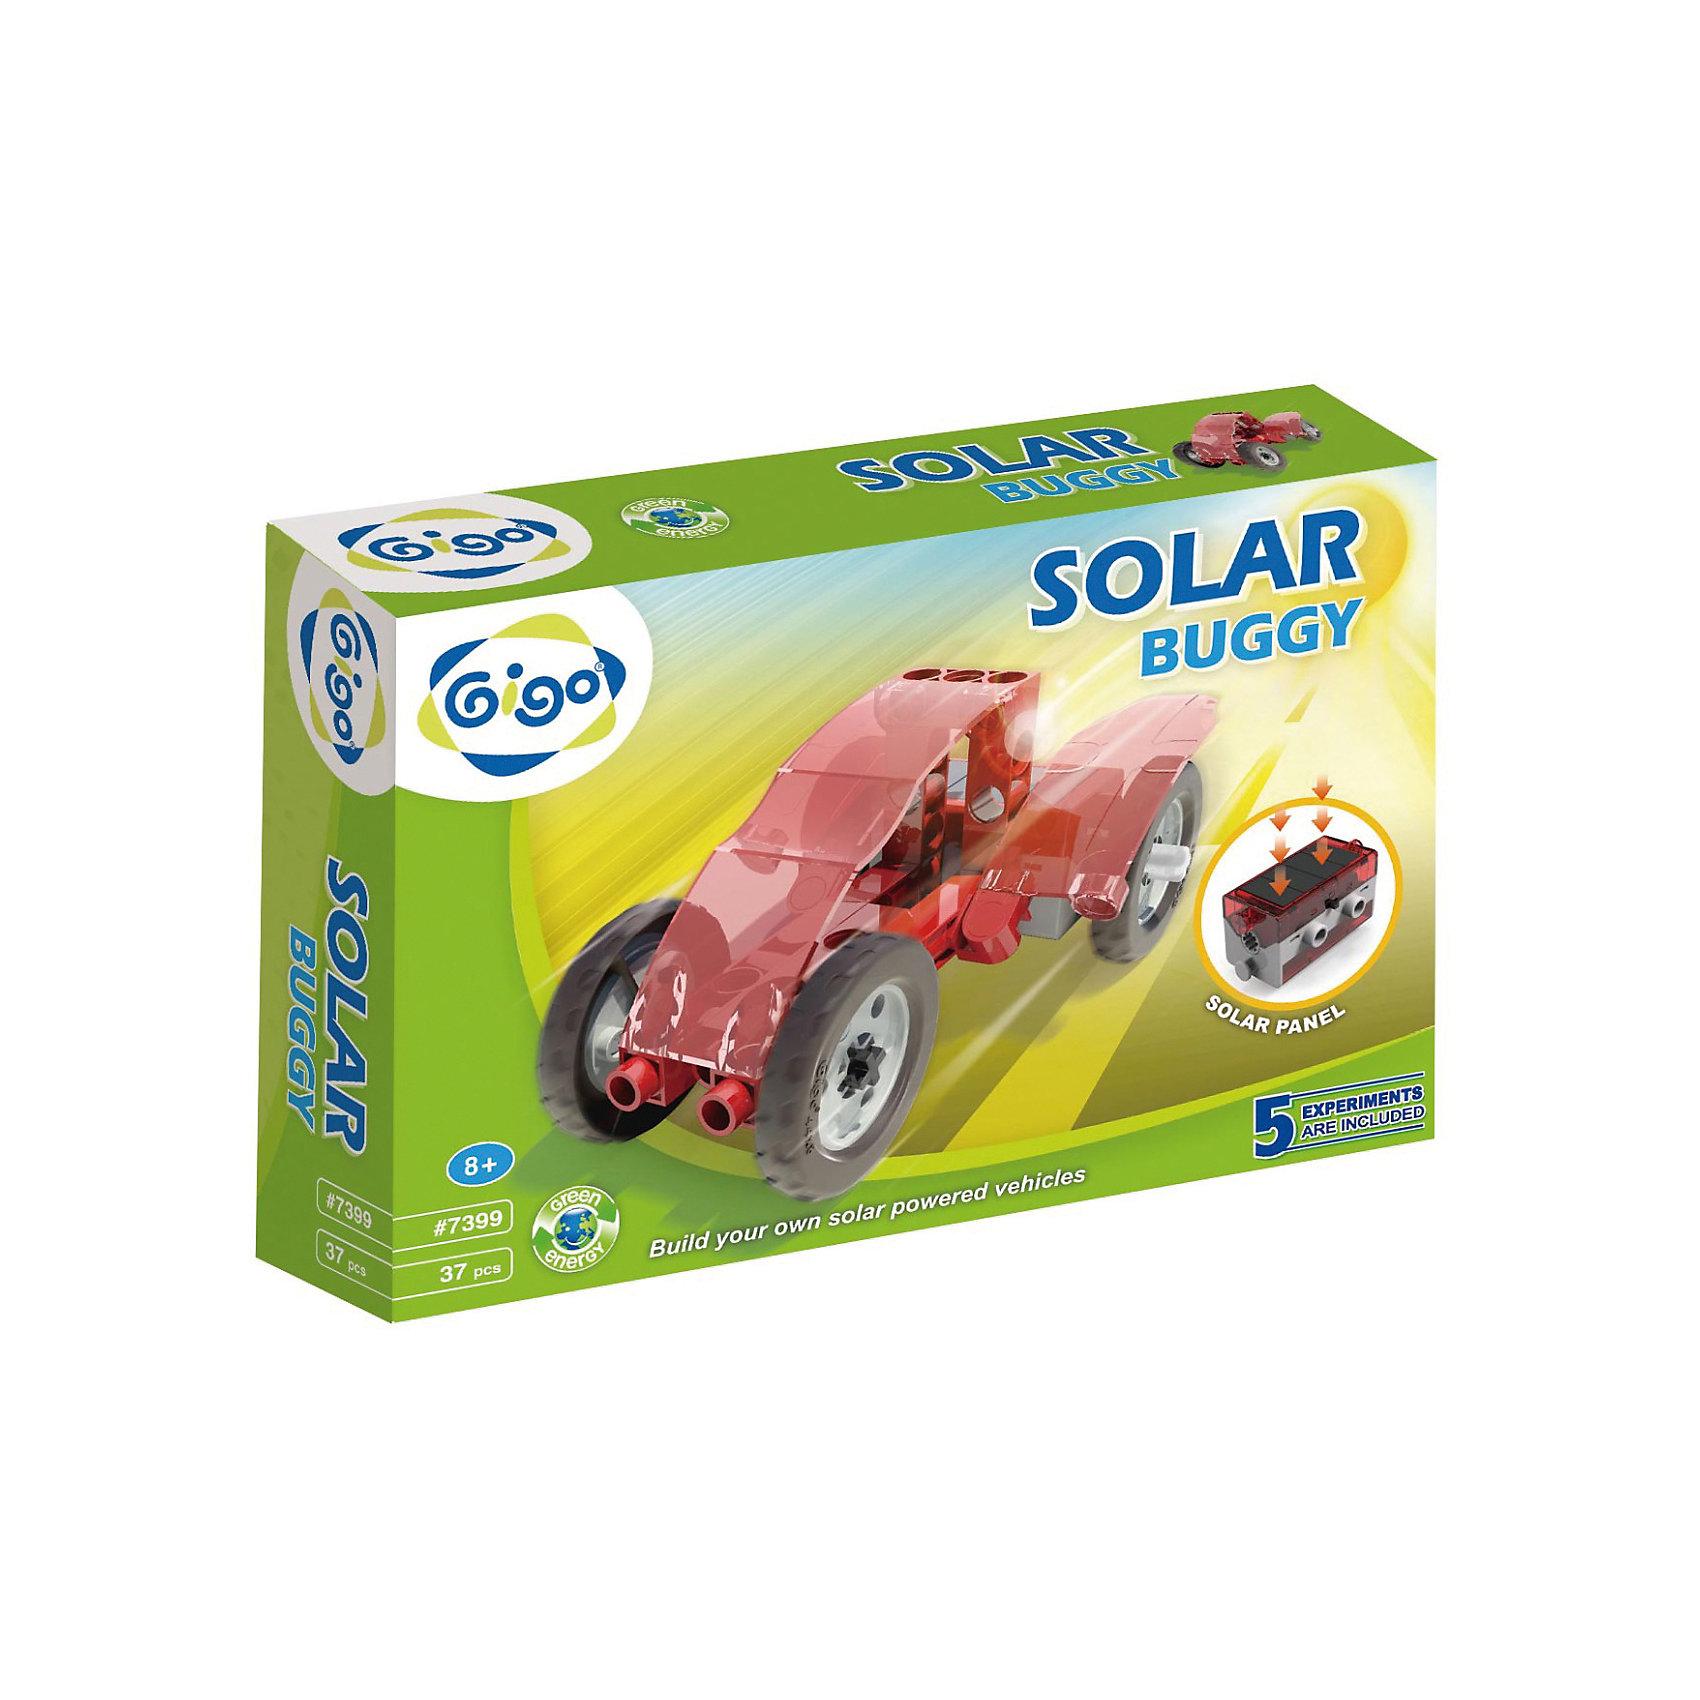 Конструктор Багги на солнечной энергииНаборы для робототехники<br>В Конструкторе Gigo Solar Buggy (Гиго. Багги на солнечной энергии) используется мотор-редуктор со встроенной солнечной батареей и при этом в него можно вставить еще и обычную батарейку. Все модели демонстрируют принцип превращения солнечной энергии в механическую. Днем под яркими и прямыми солнечными лучами все модели работают от энергии солнца, в помещении и на улице в пасмурную погоду можно использовать батарейку. Из конструктора можно собрать 5 моделей. В комплекте 37 деталей.<br><br>Ширина мм: 60<br>Глубина мм: 220<br>Высота мм: 280<br>Вес г: 380<br>Возраст от месяцев: 36<br>Возраст до месяцев: 192<br>Пол: Унисекс<br>Возраст: Детский<br>SKU: 5324991